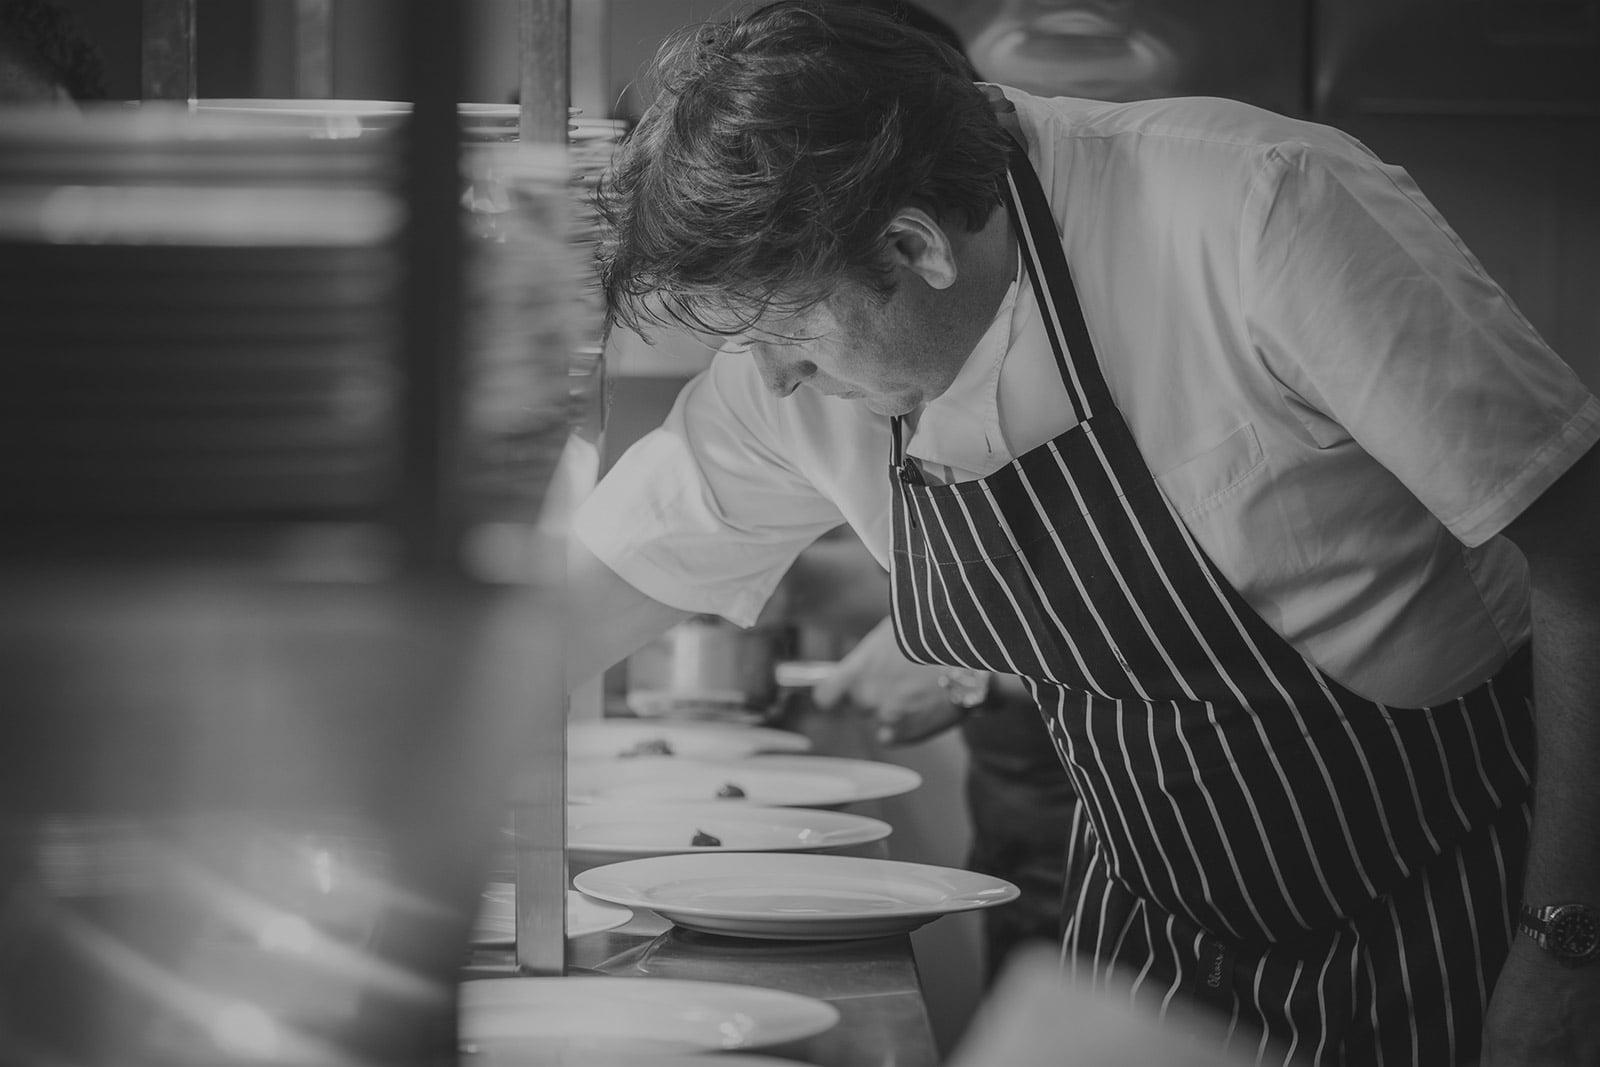 James Martin Chef | Official website for recipes, books, TV